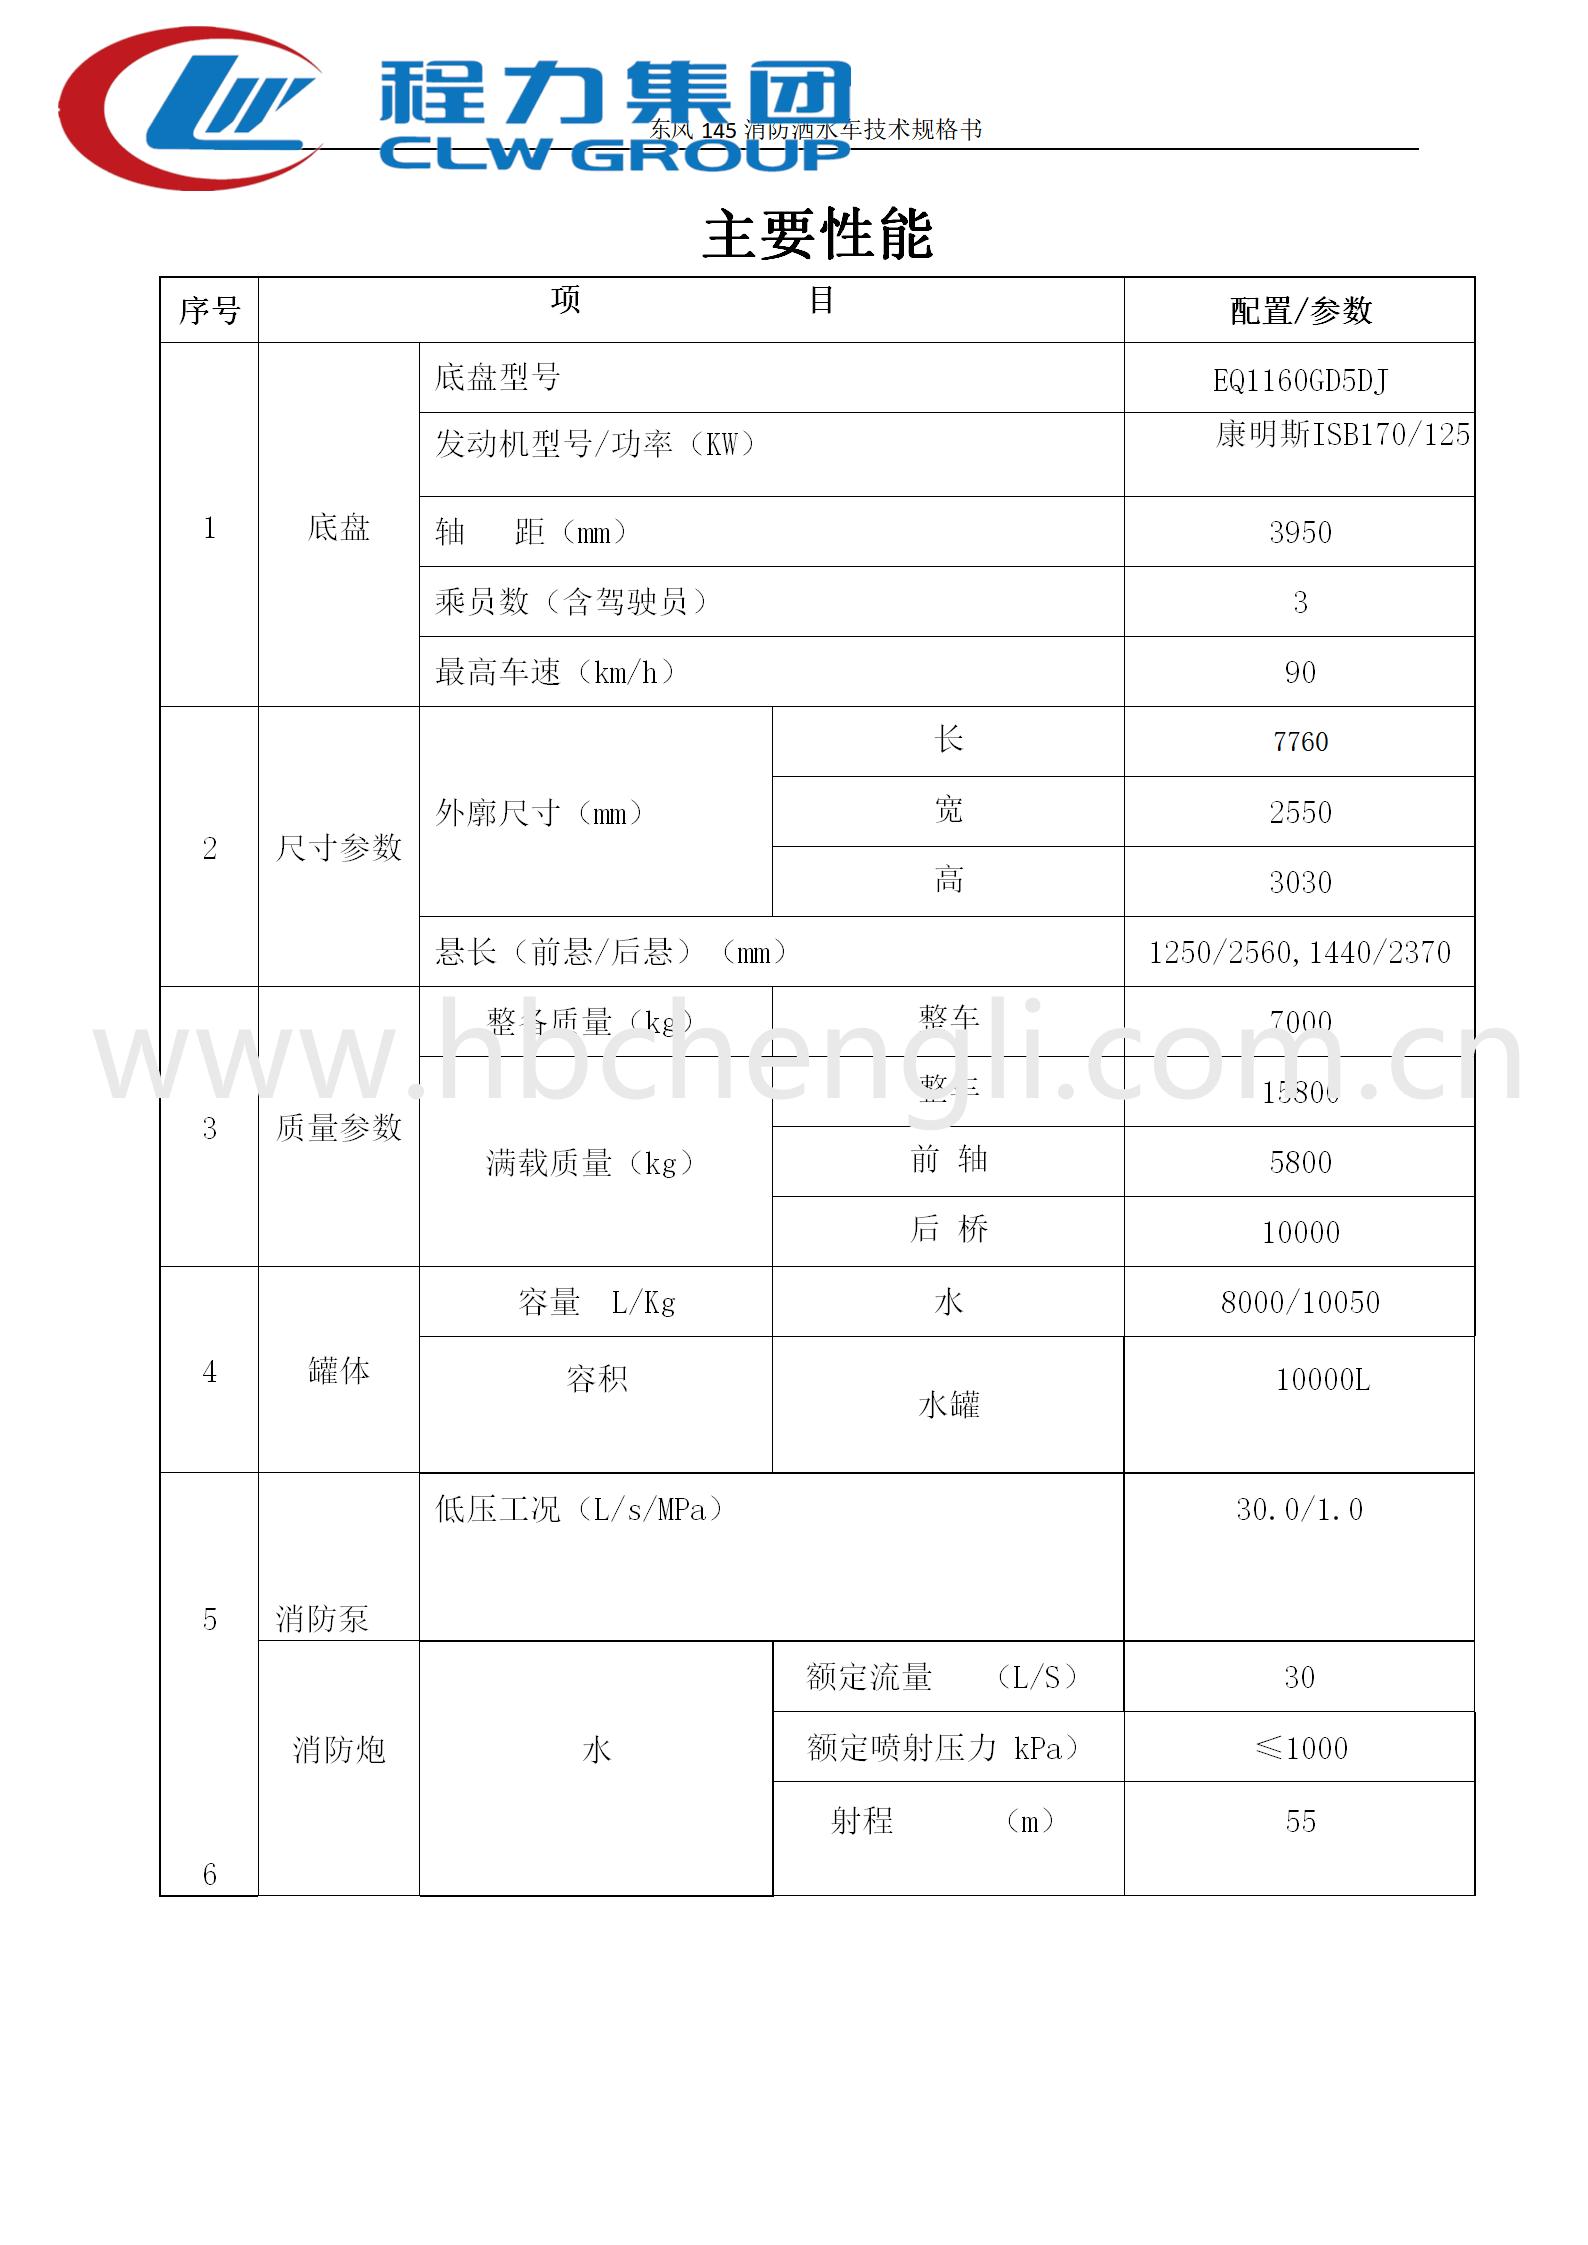 东风145简易消防车技术规格书_02_副本